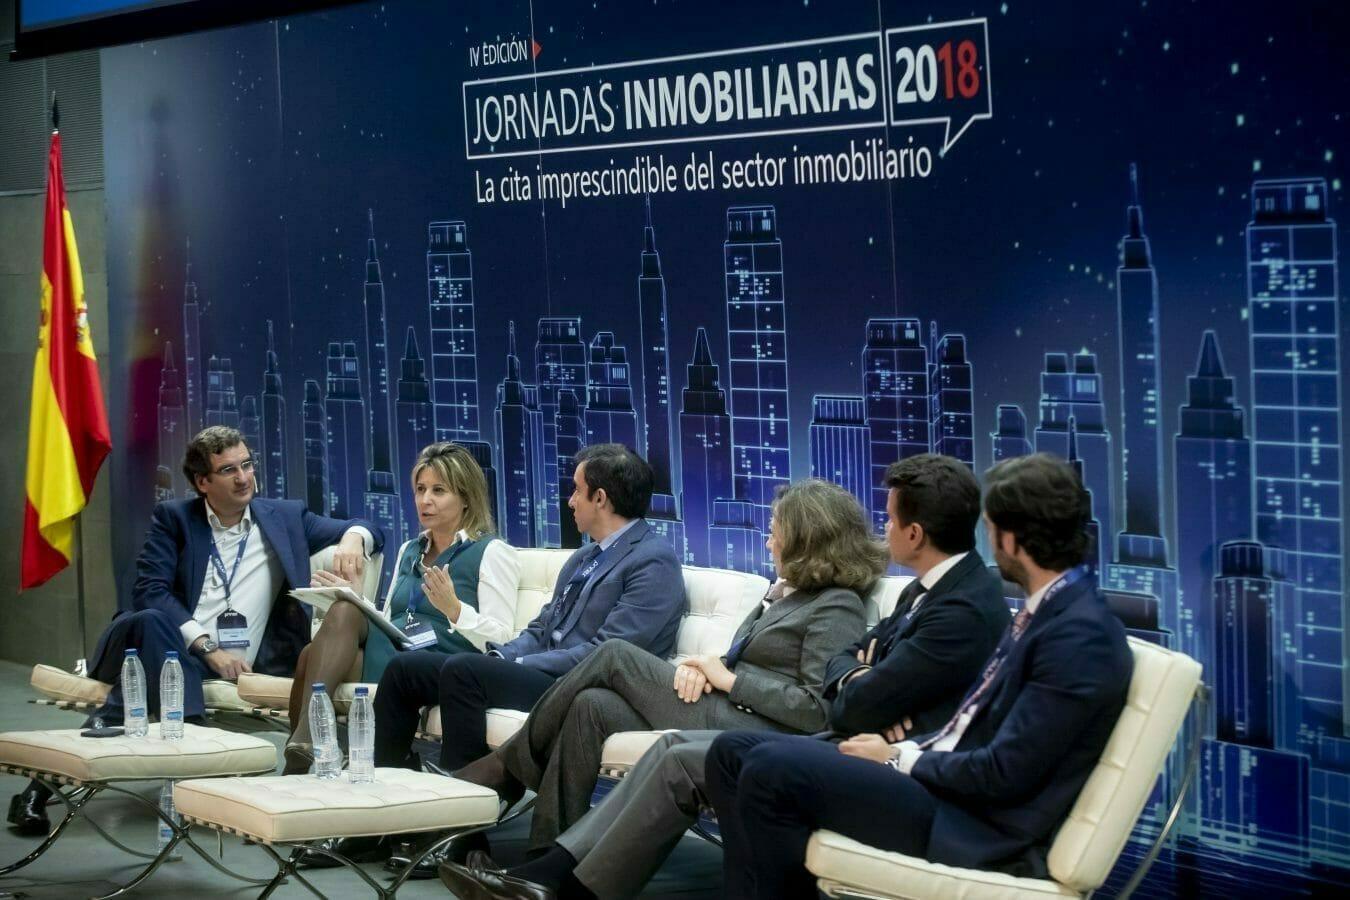 2018-11-14 JORNADAS INMOBILIARIAS PRINEX 86